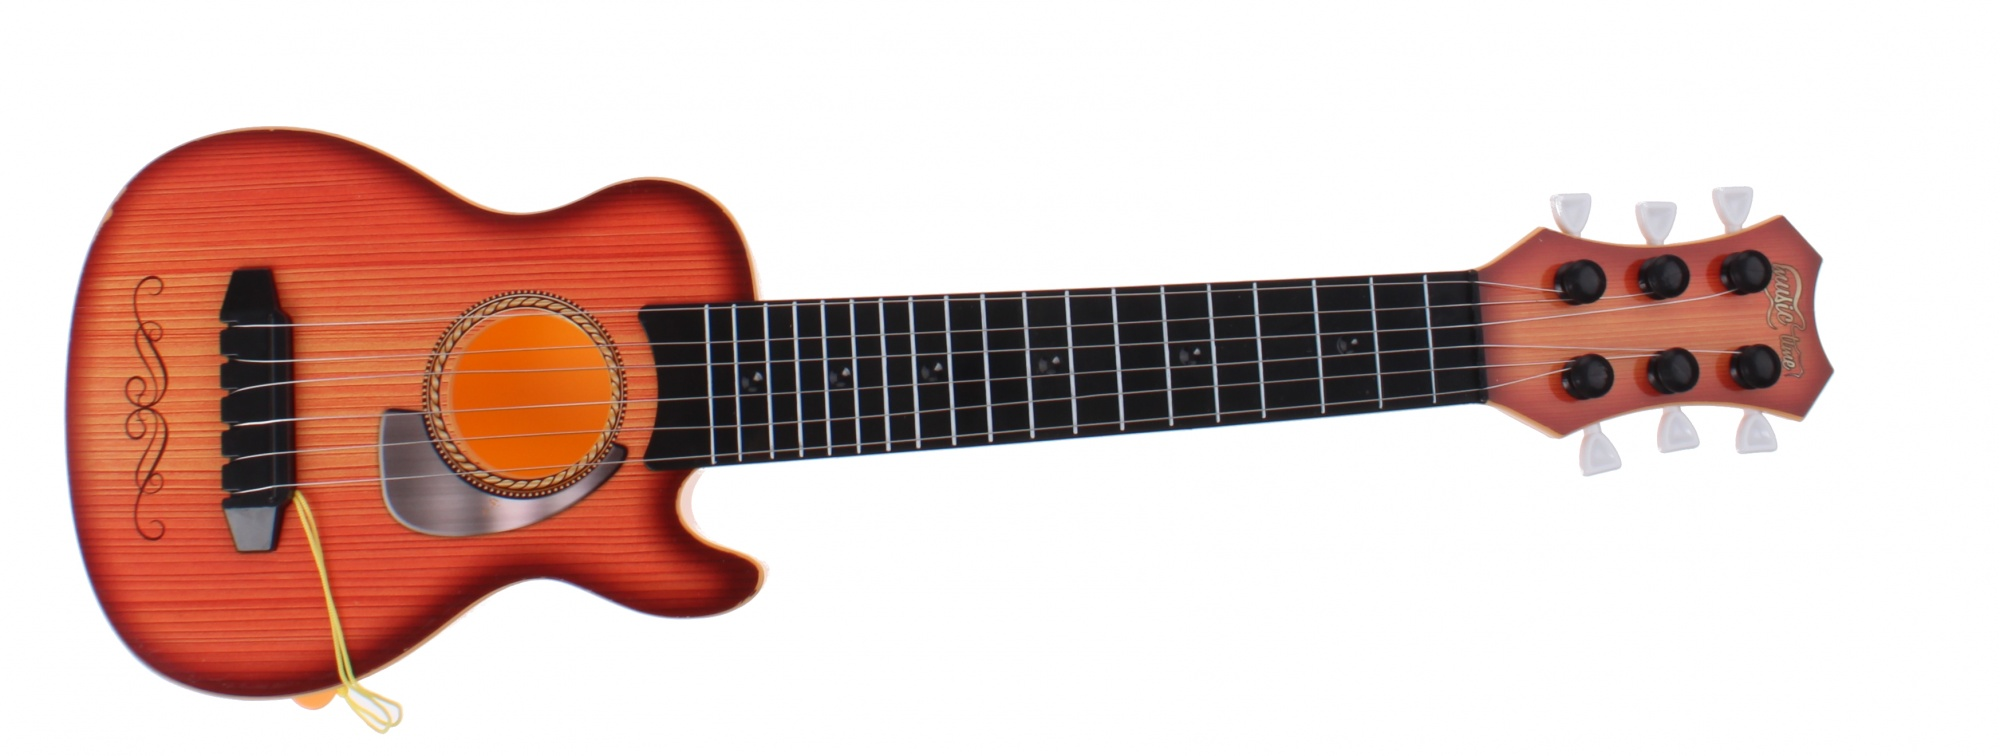 johntoy gitaar 6 snaren oranje 44 cm internet toys. Black Bedroom Furniture Sets. Home Design Ideas